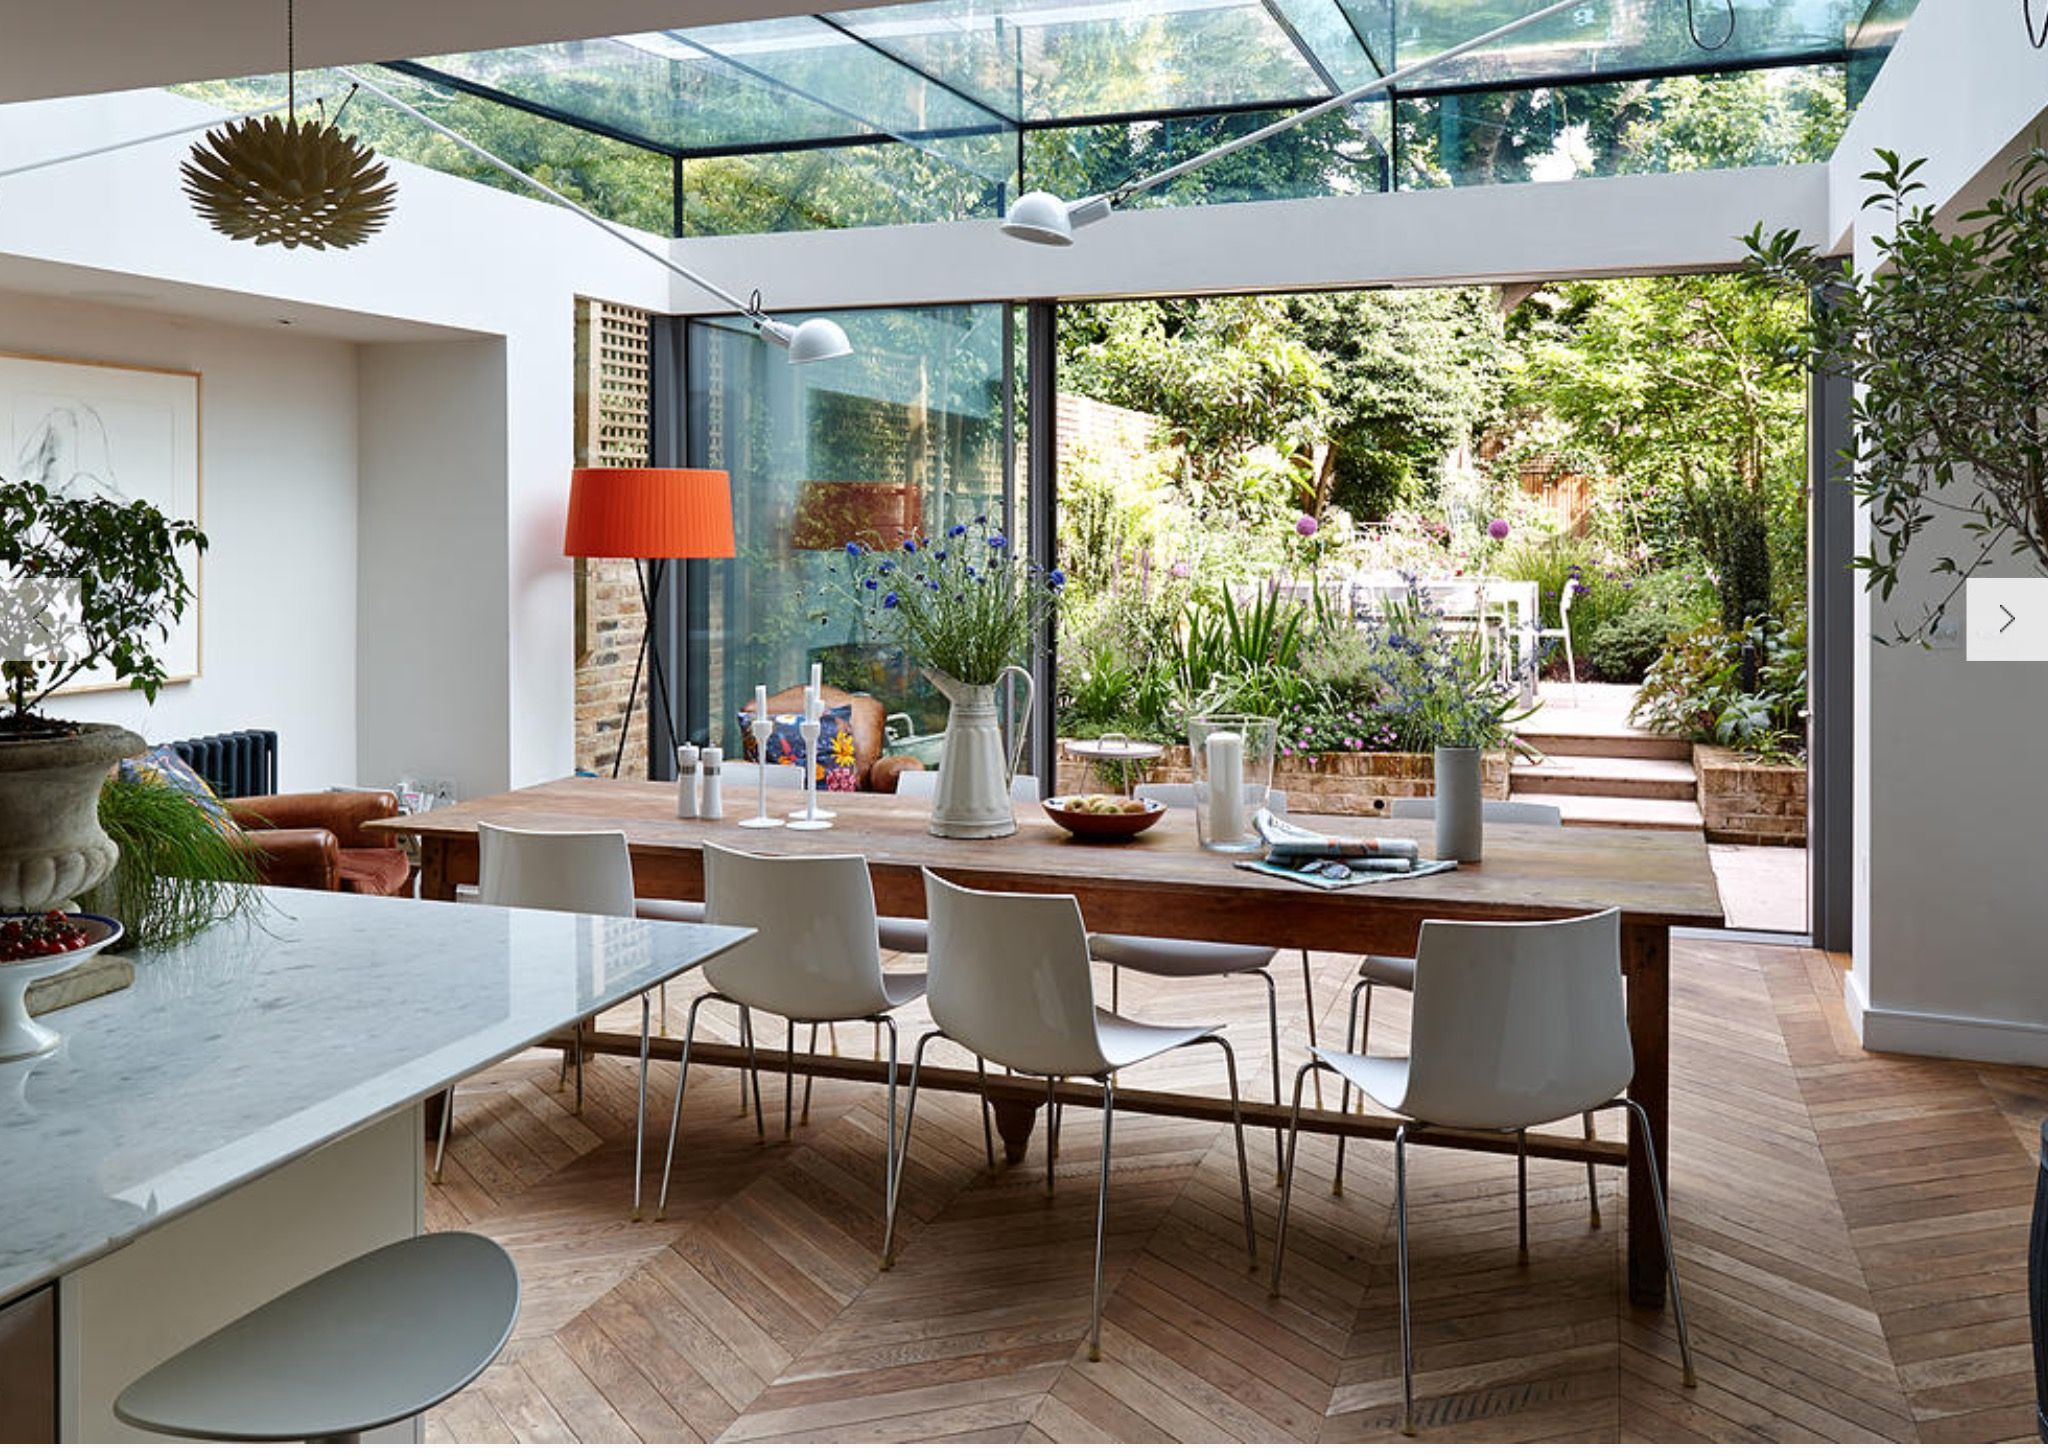 Puertas de cristal: 9 diseños elegantes y modernos que harán lucir tu casa fantástica